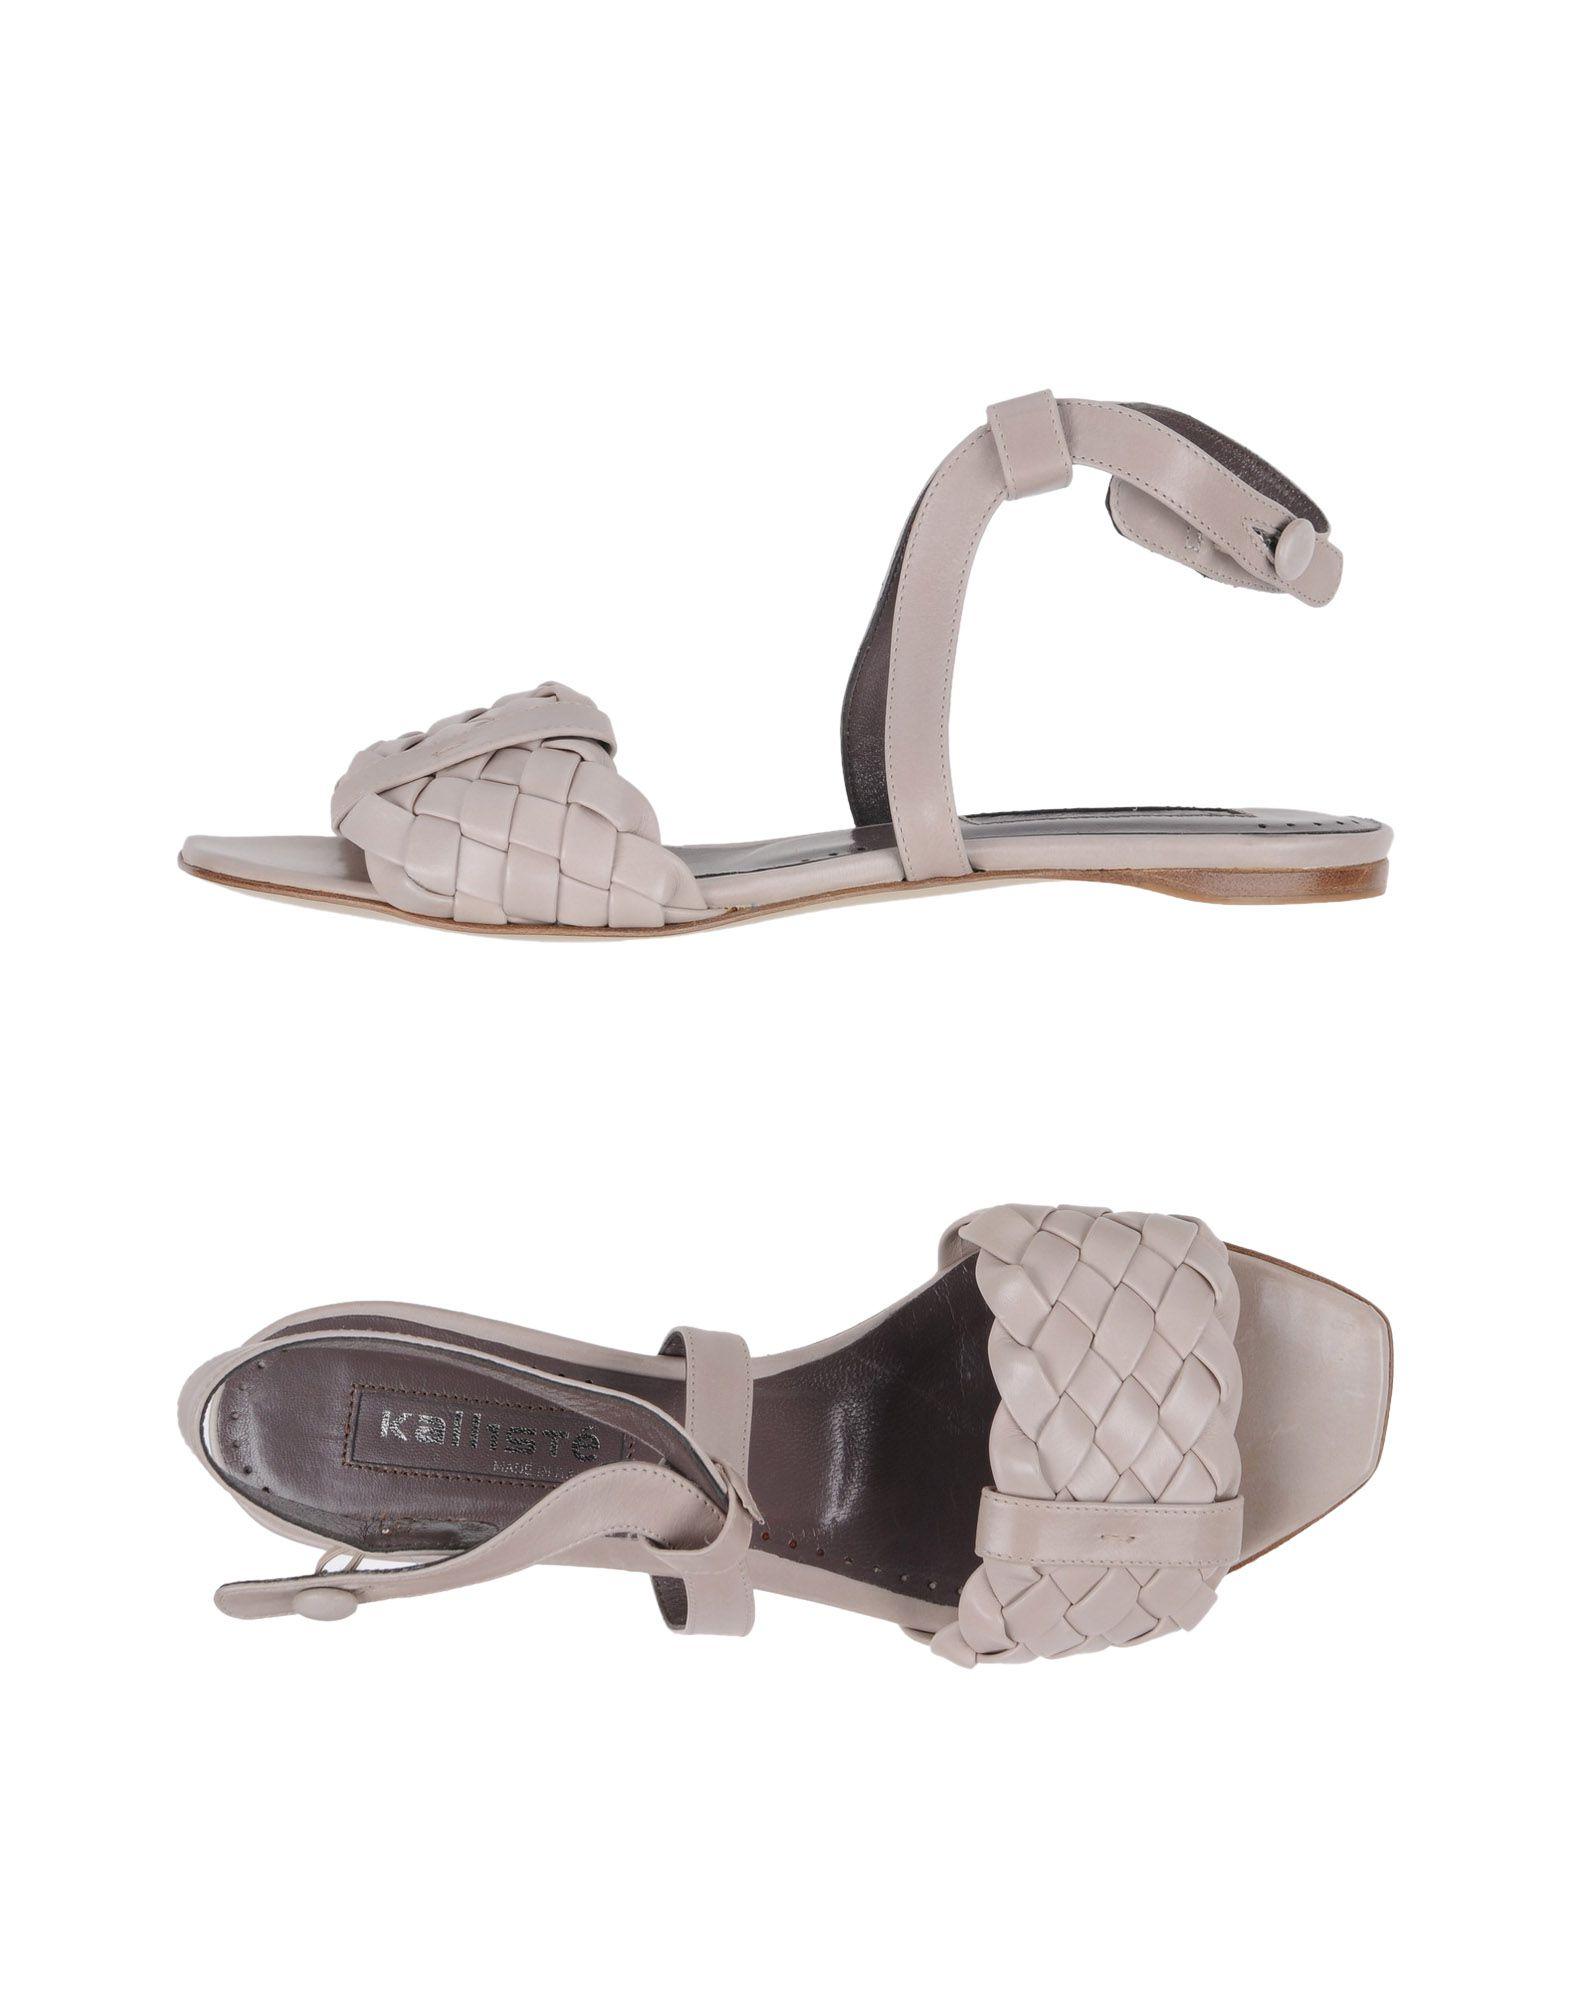 Kallistè Sandalen Damen  11424907PK Gute Qualität beliebte Schuhe